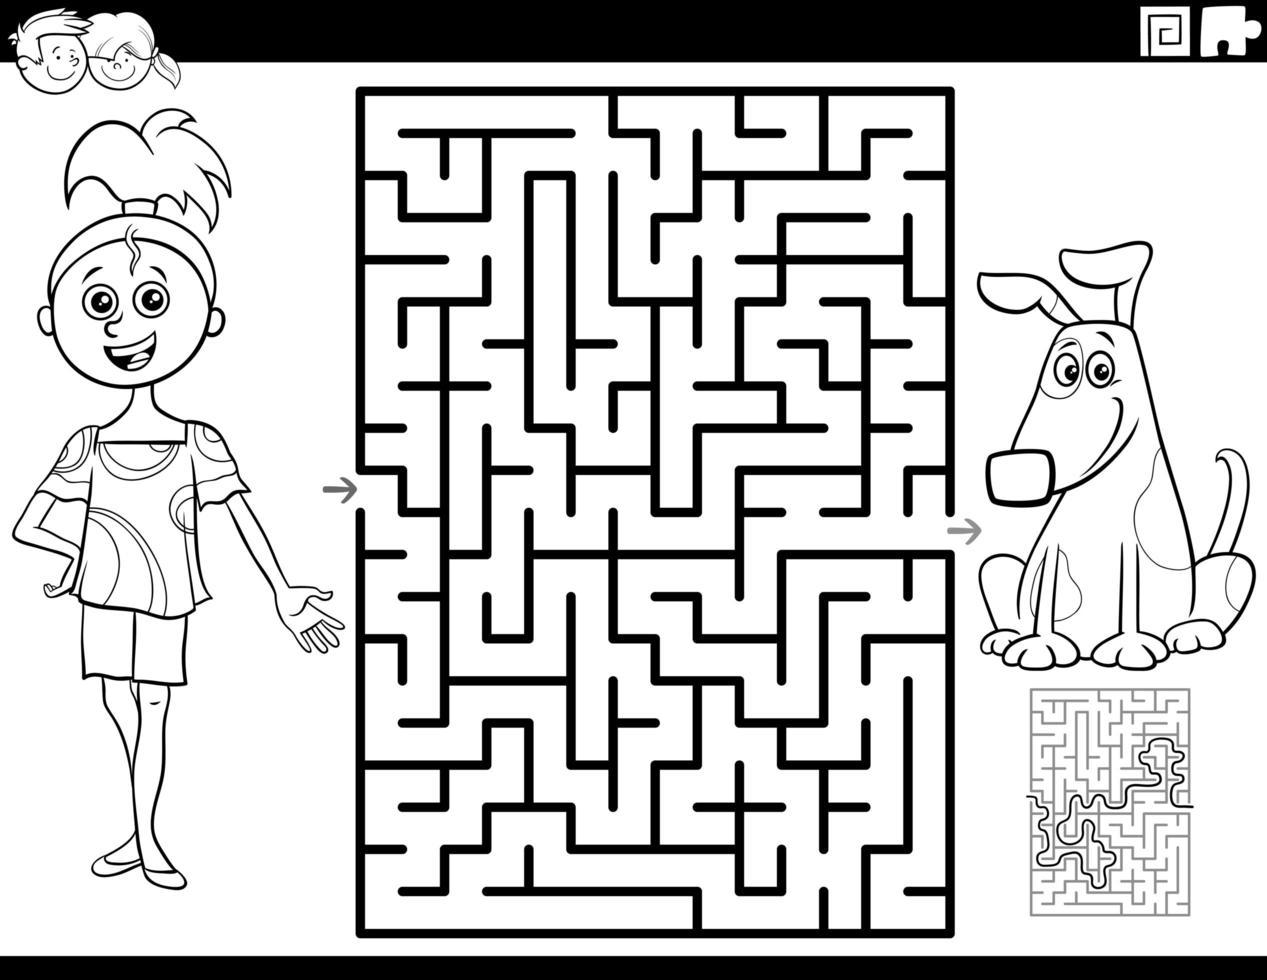 Laberinto con niña y cachorro página de libro para colorear vector